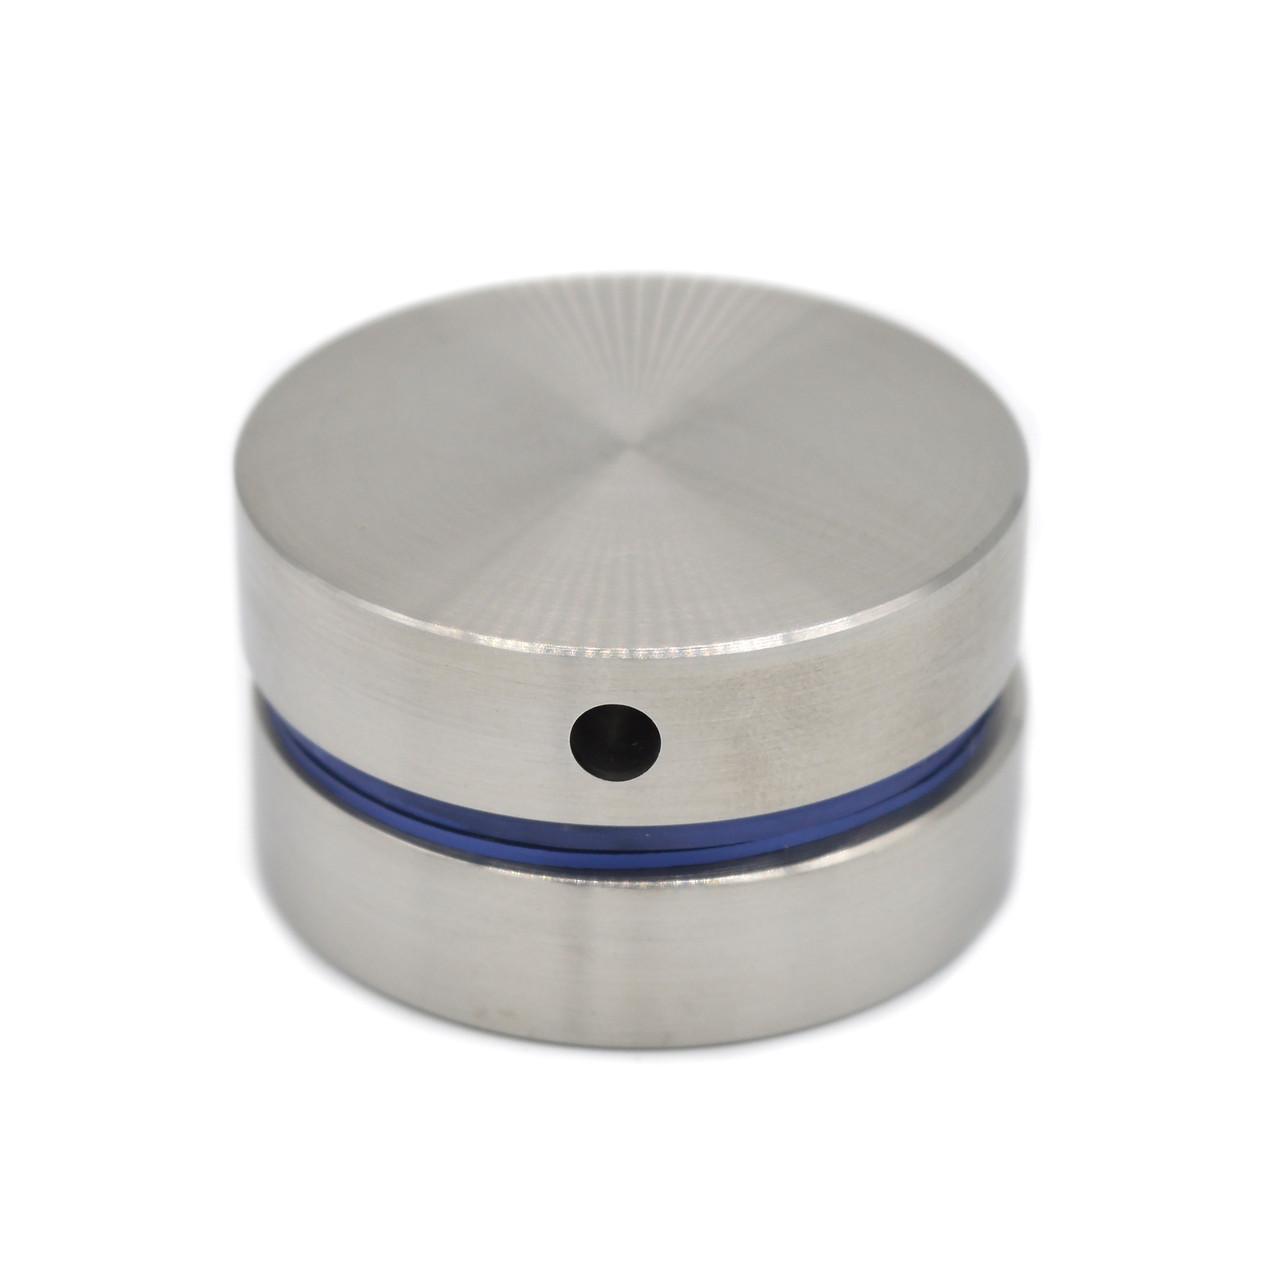 ODF-06-18-01-L10 Коннектор круглый d40 с дистанцией 10 мм с боковым отверстием М8